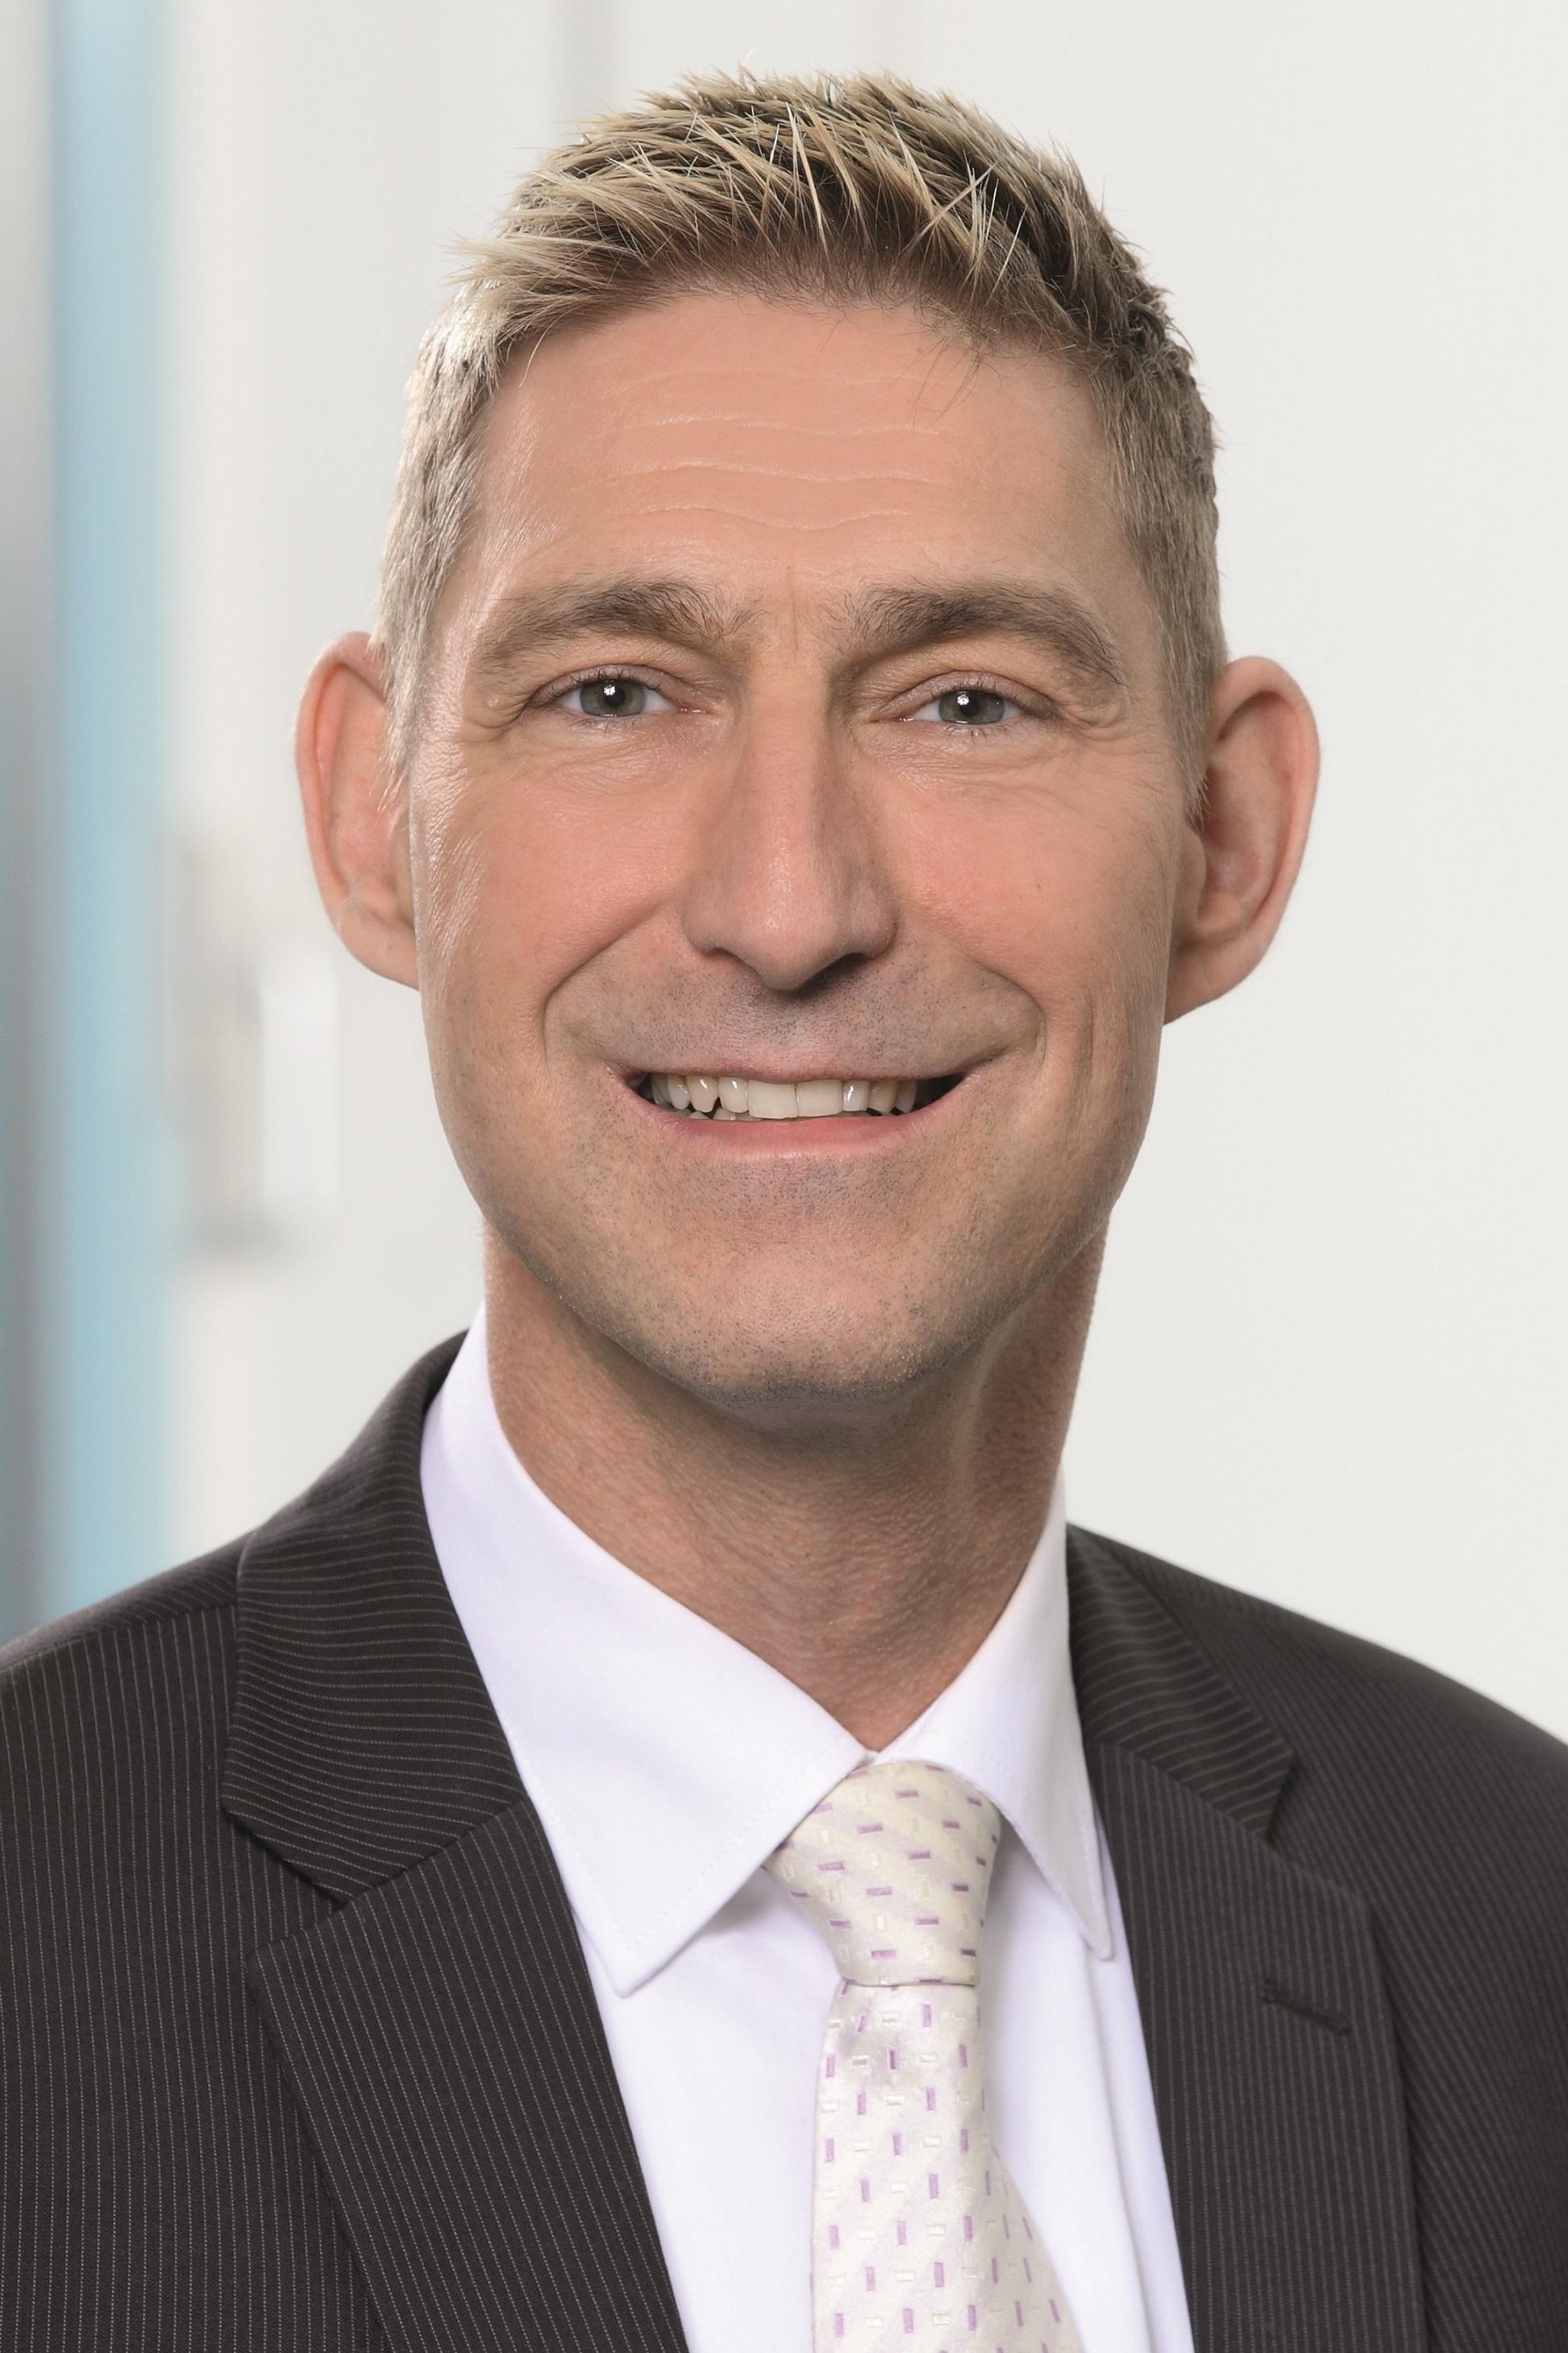 DKV Deutsche Krankenversicherung Michael Ohrnberger Leonberg